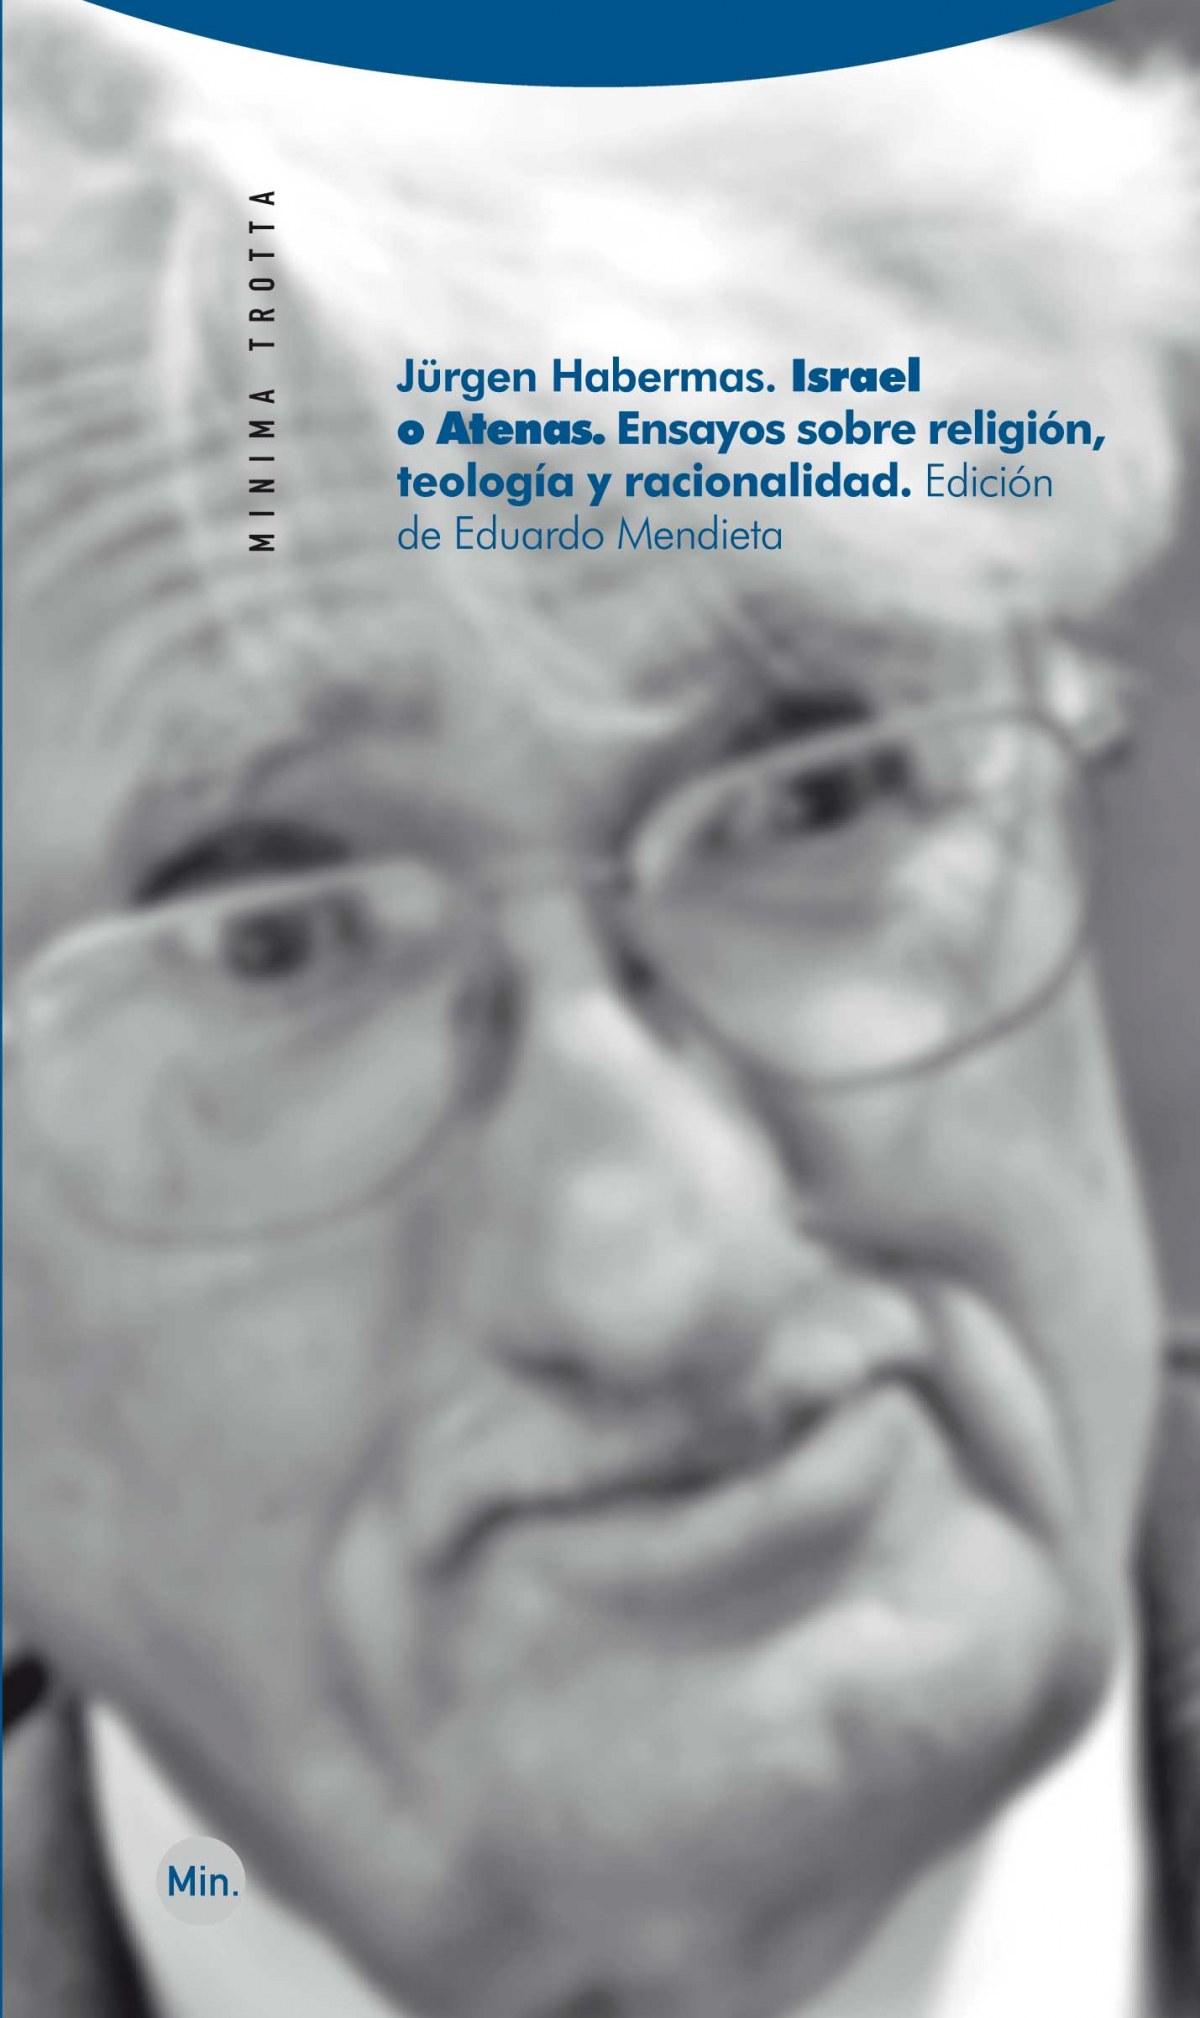 Israel o Atenas ensayos sobre religión